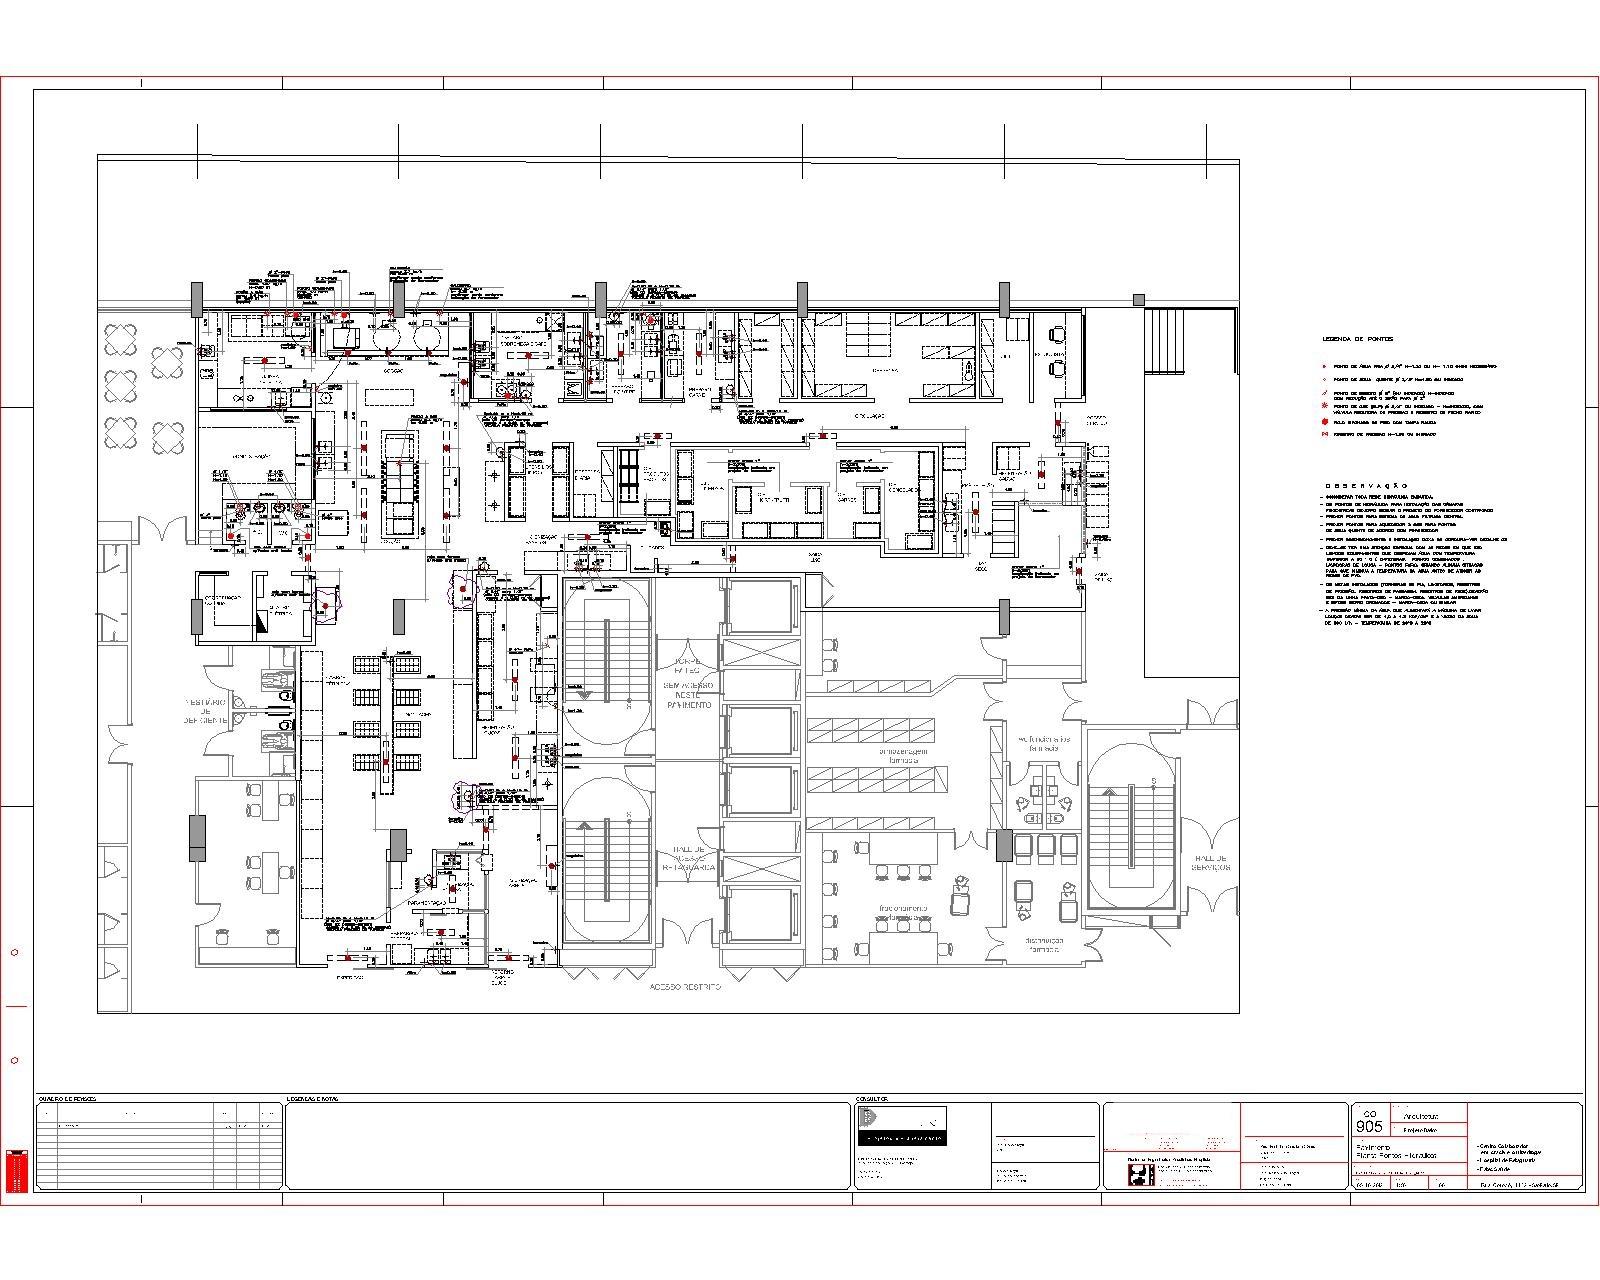 #BB1010 Ante projeto Hospitalar Dimensão 1600x1280 px Projeto Cozinha Hospitalar_4221 Imagens